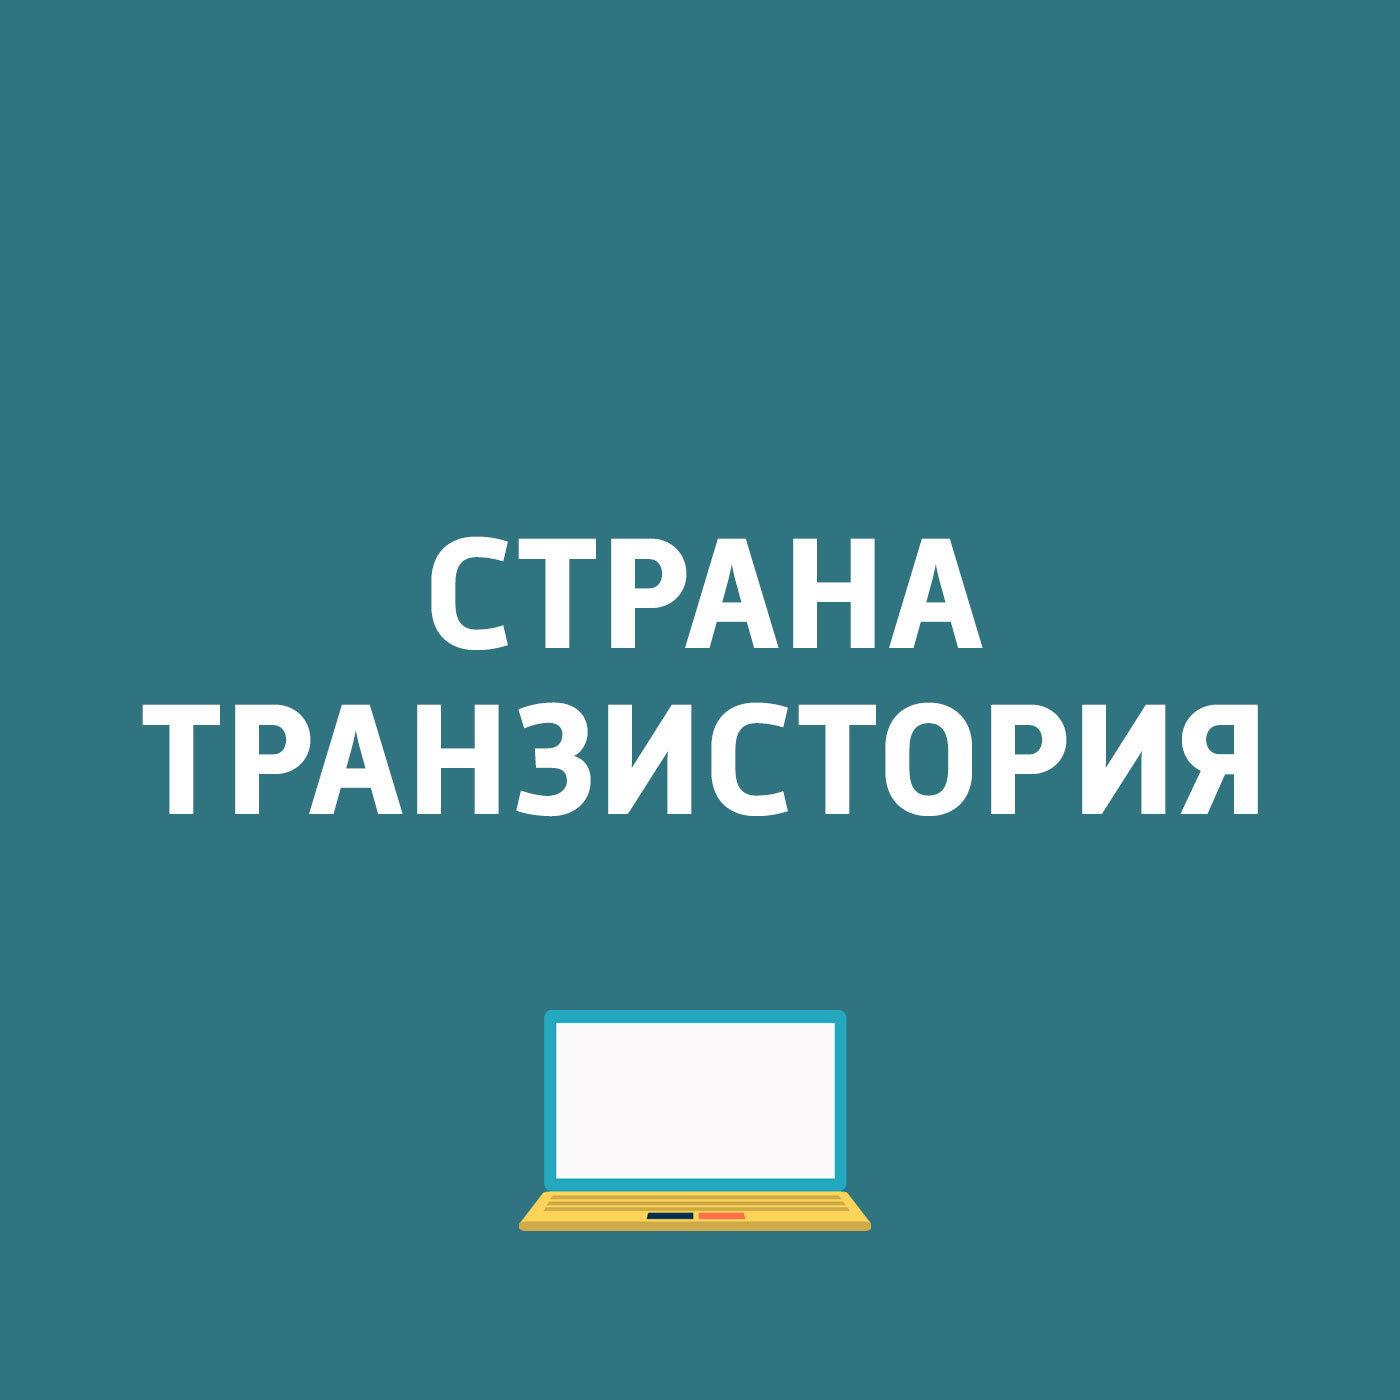 Картаев Павел Начало продаж Nitro 5 Spin в России; Смарт-кроссовки Pie Tops II; Приложение-шпион GetContact; Дополнения для Far Cry 5 картаев павел hmd получила контроль над брендом nokia смартфоны дебютируют в 2017 году